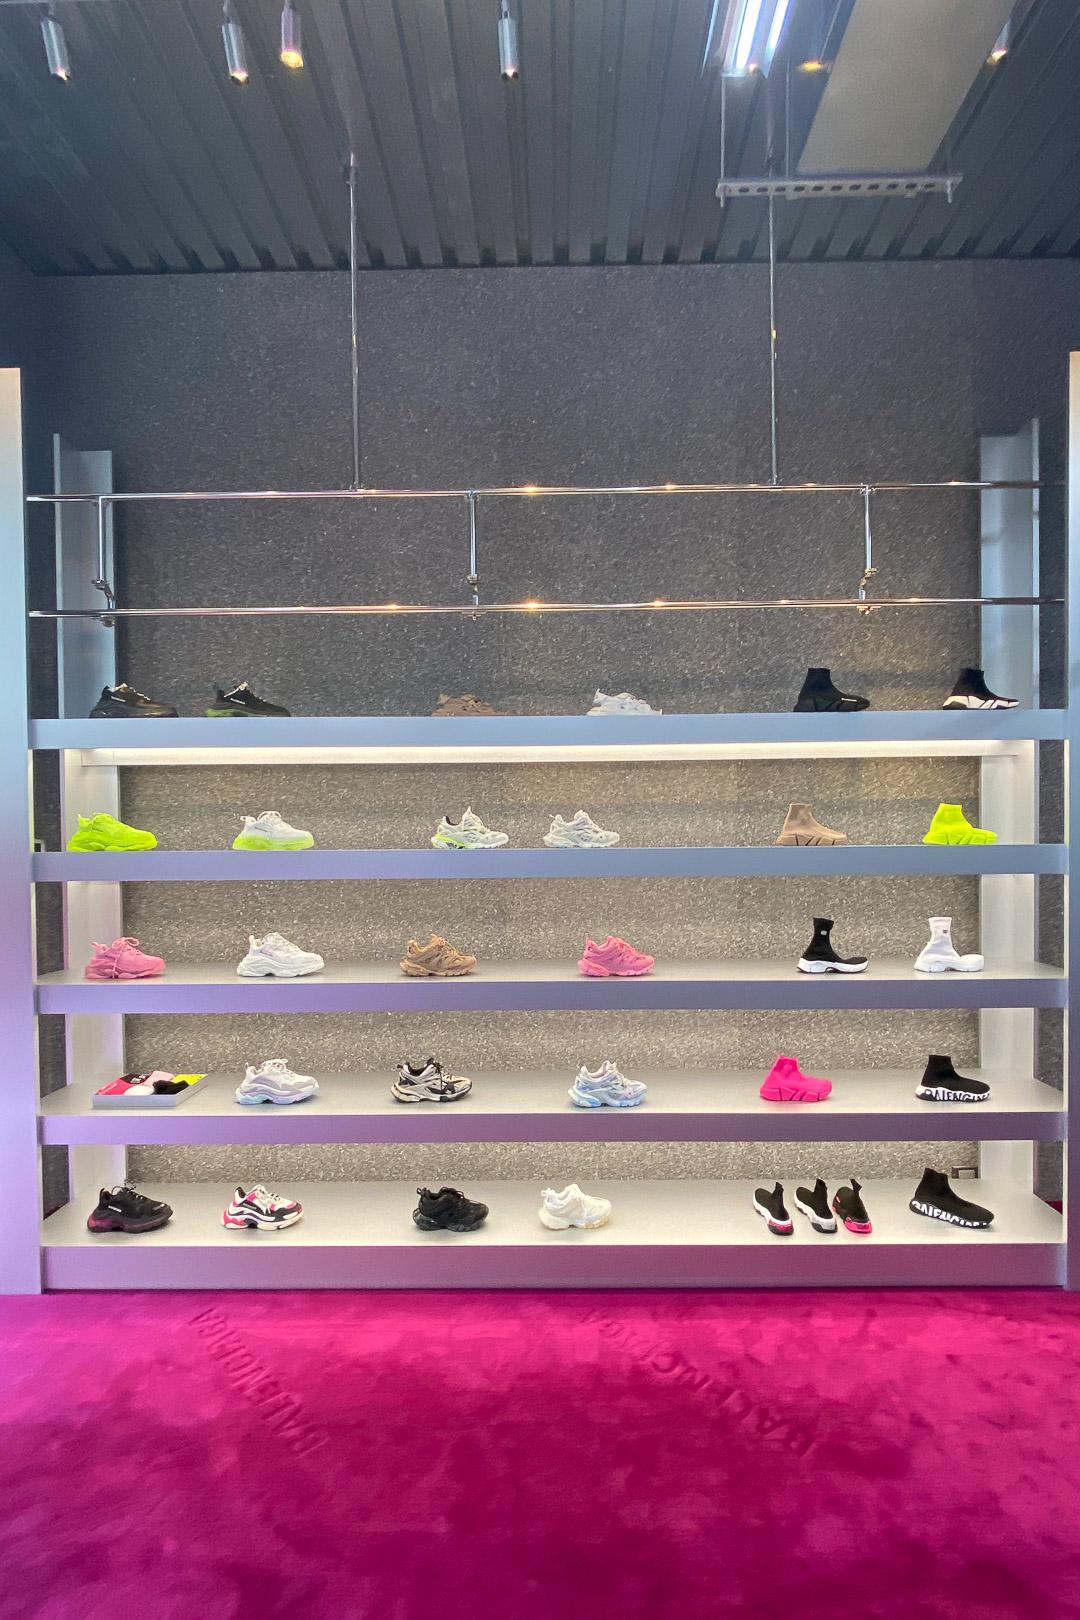 Balenciaga Hawaii Waikiki Women's Shoe Selection